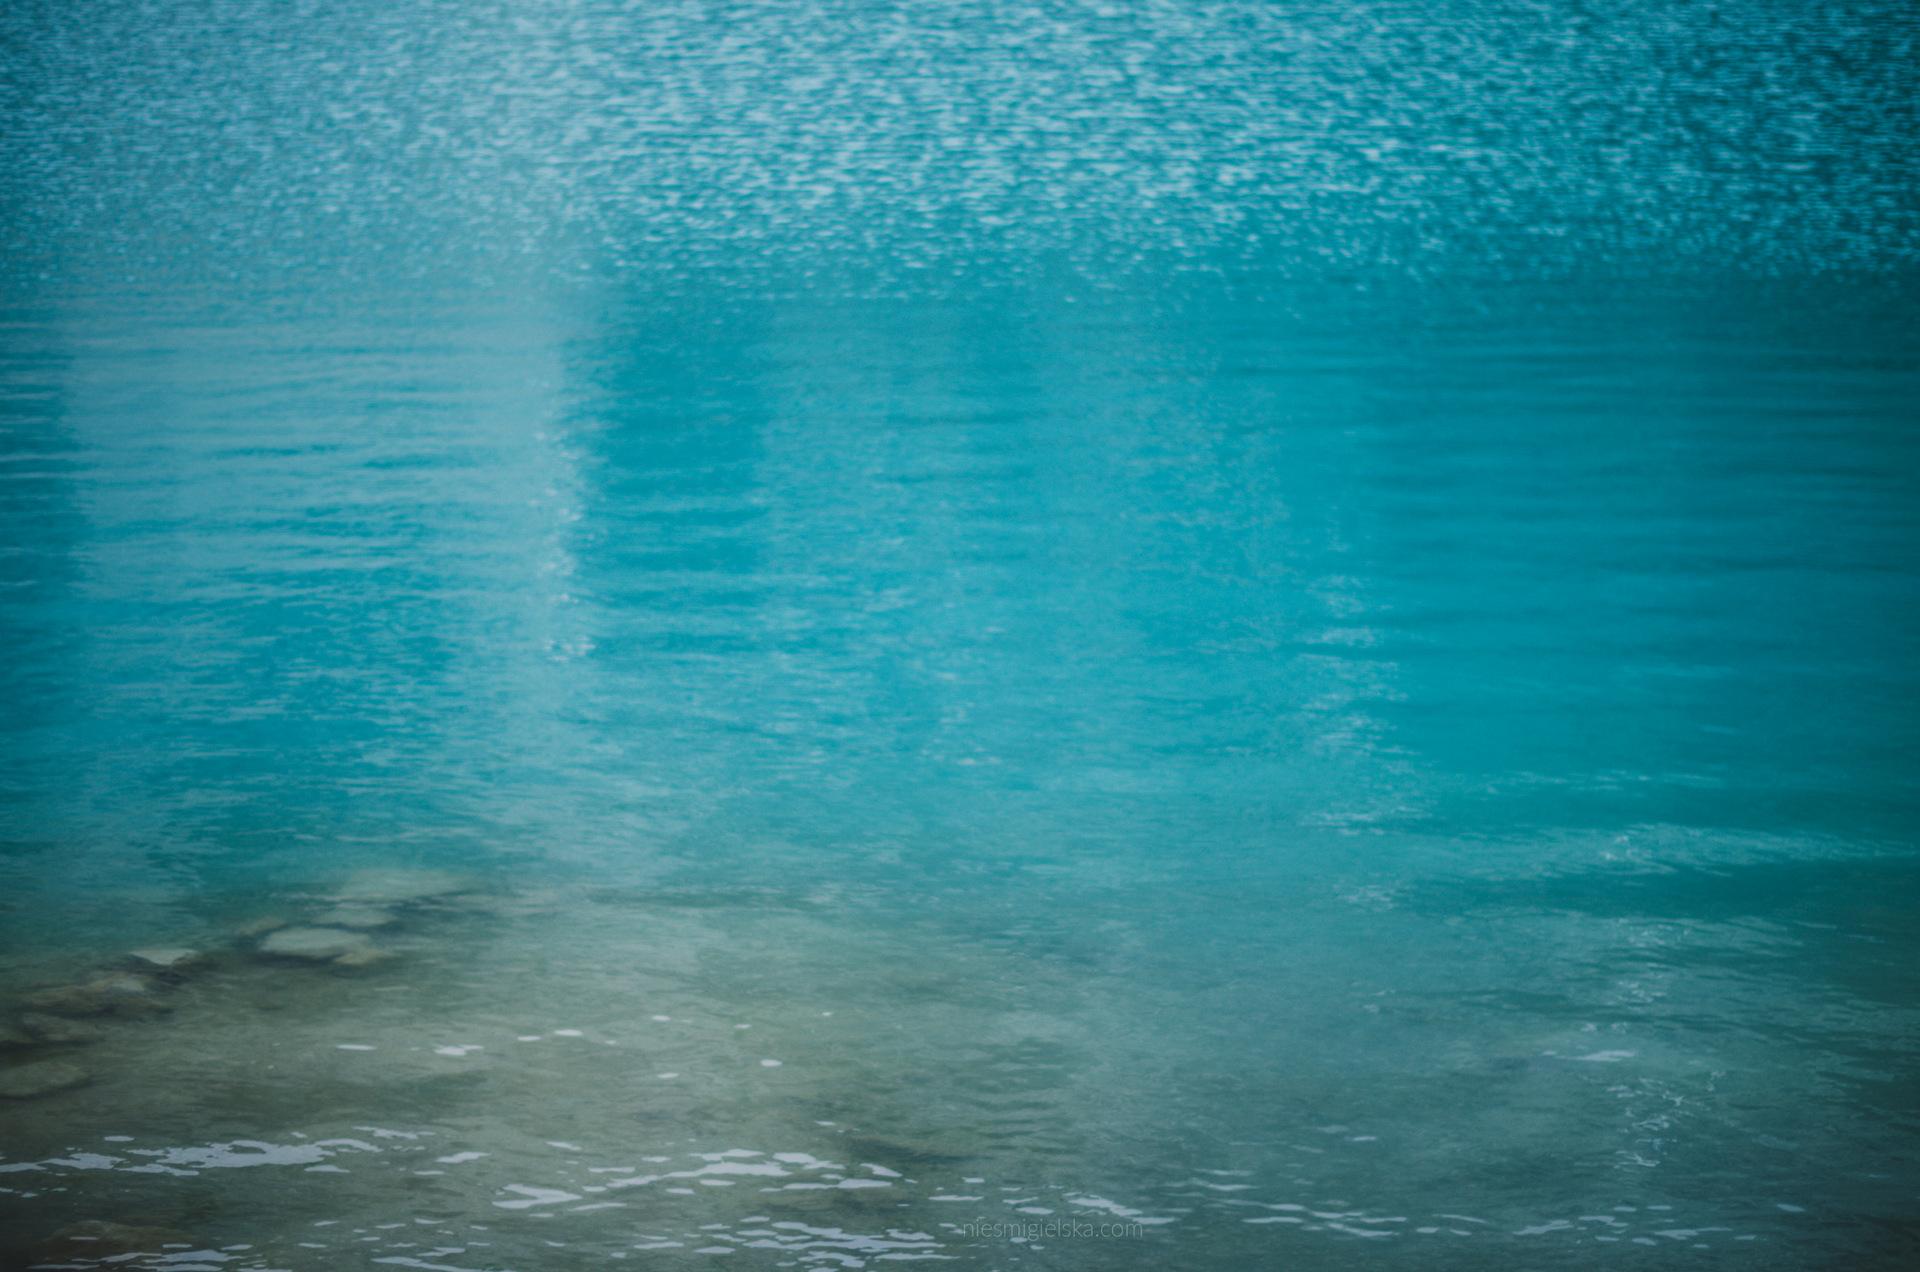 laguna 69 peru